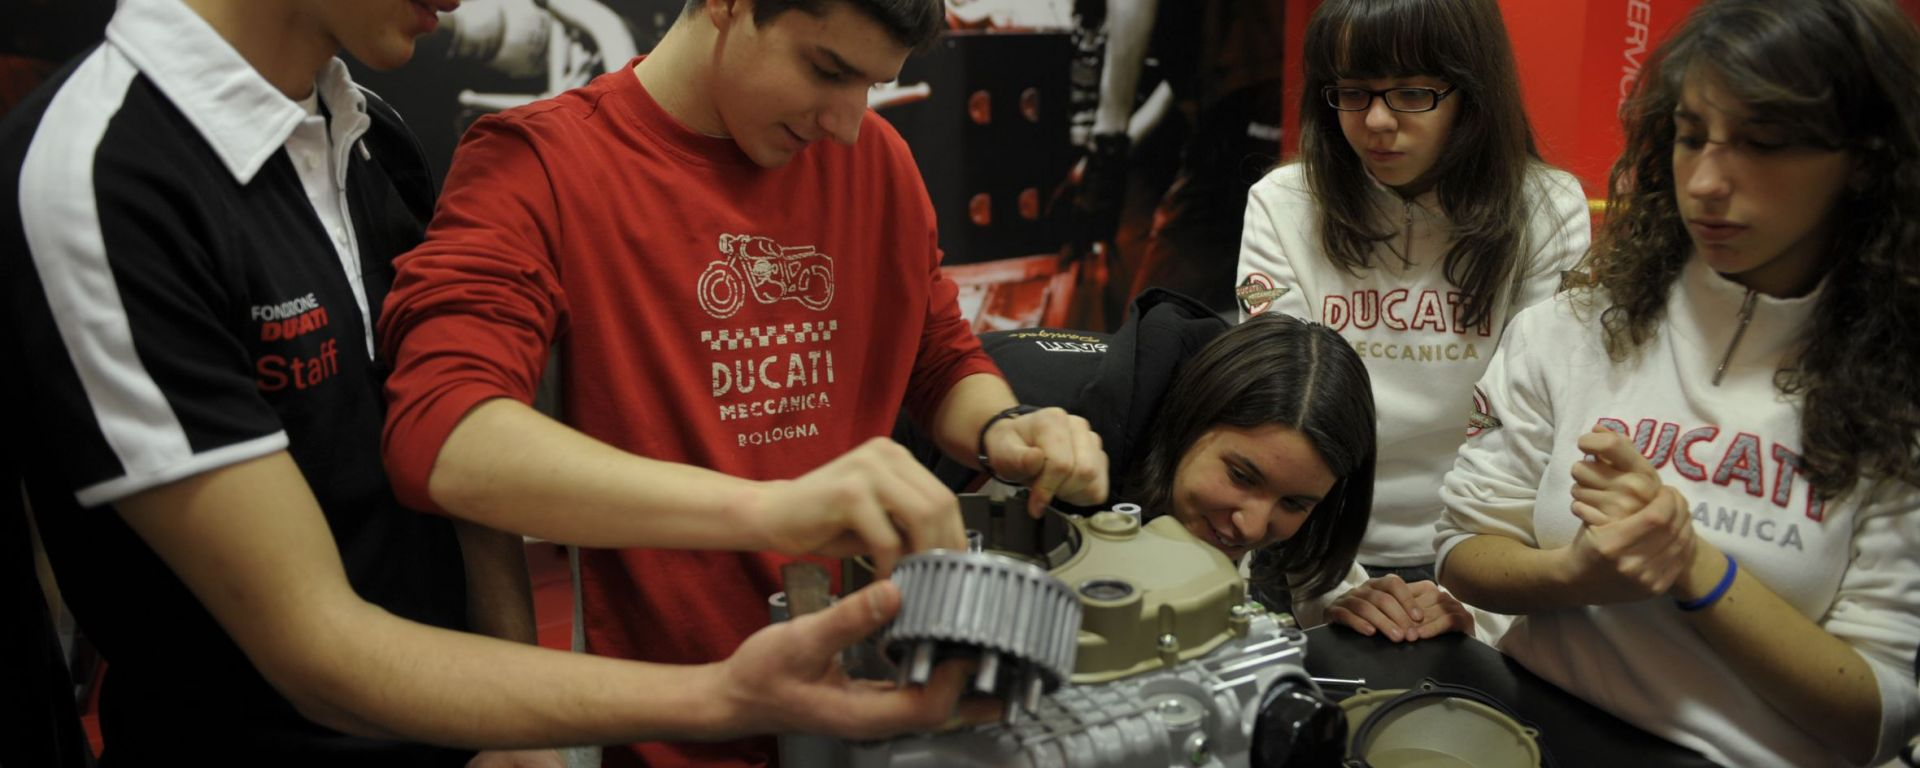 Ducati Fisica in moto: continua la formazione con i giovani